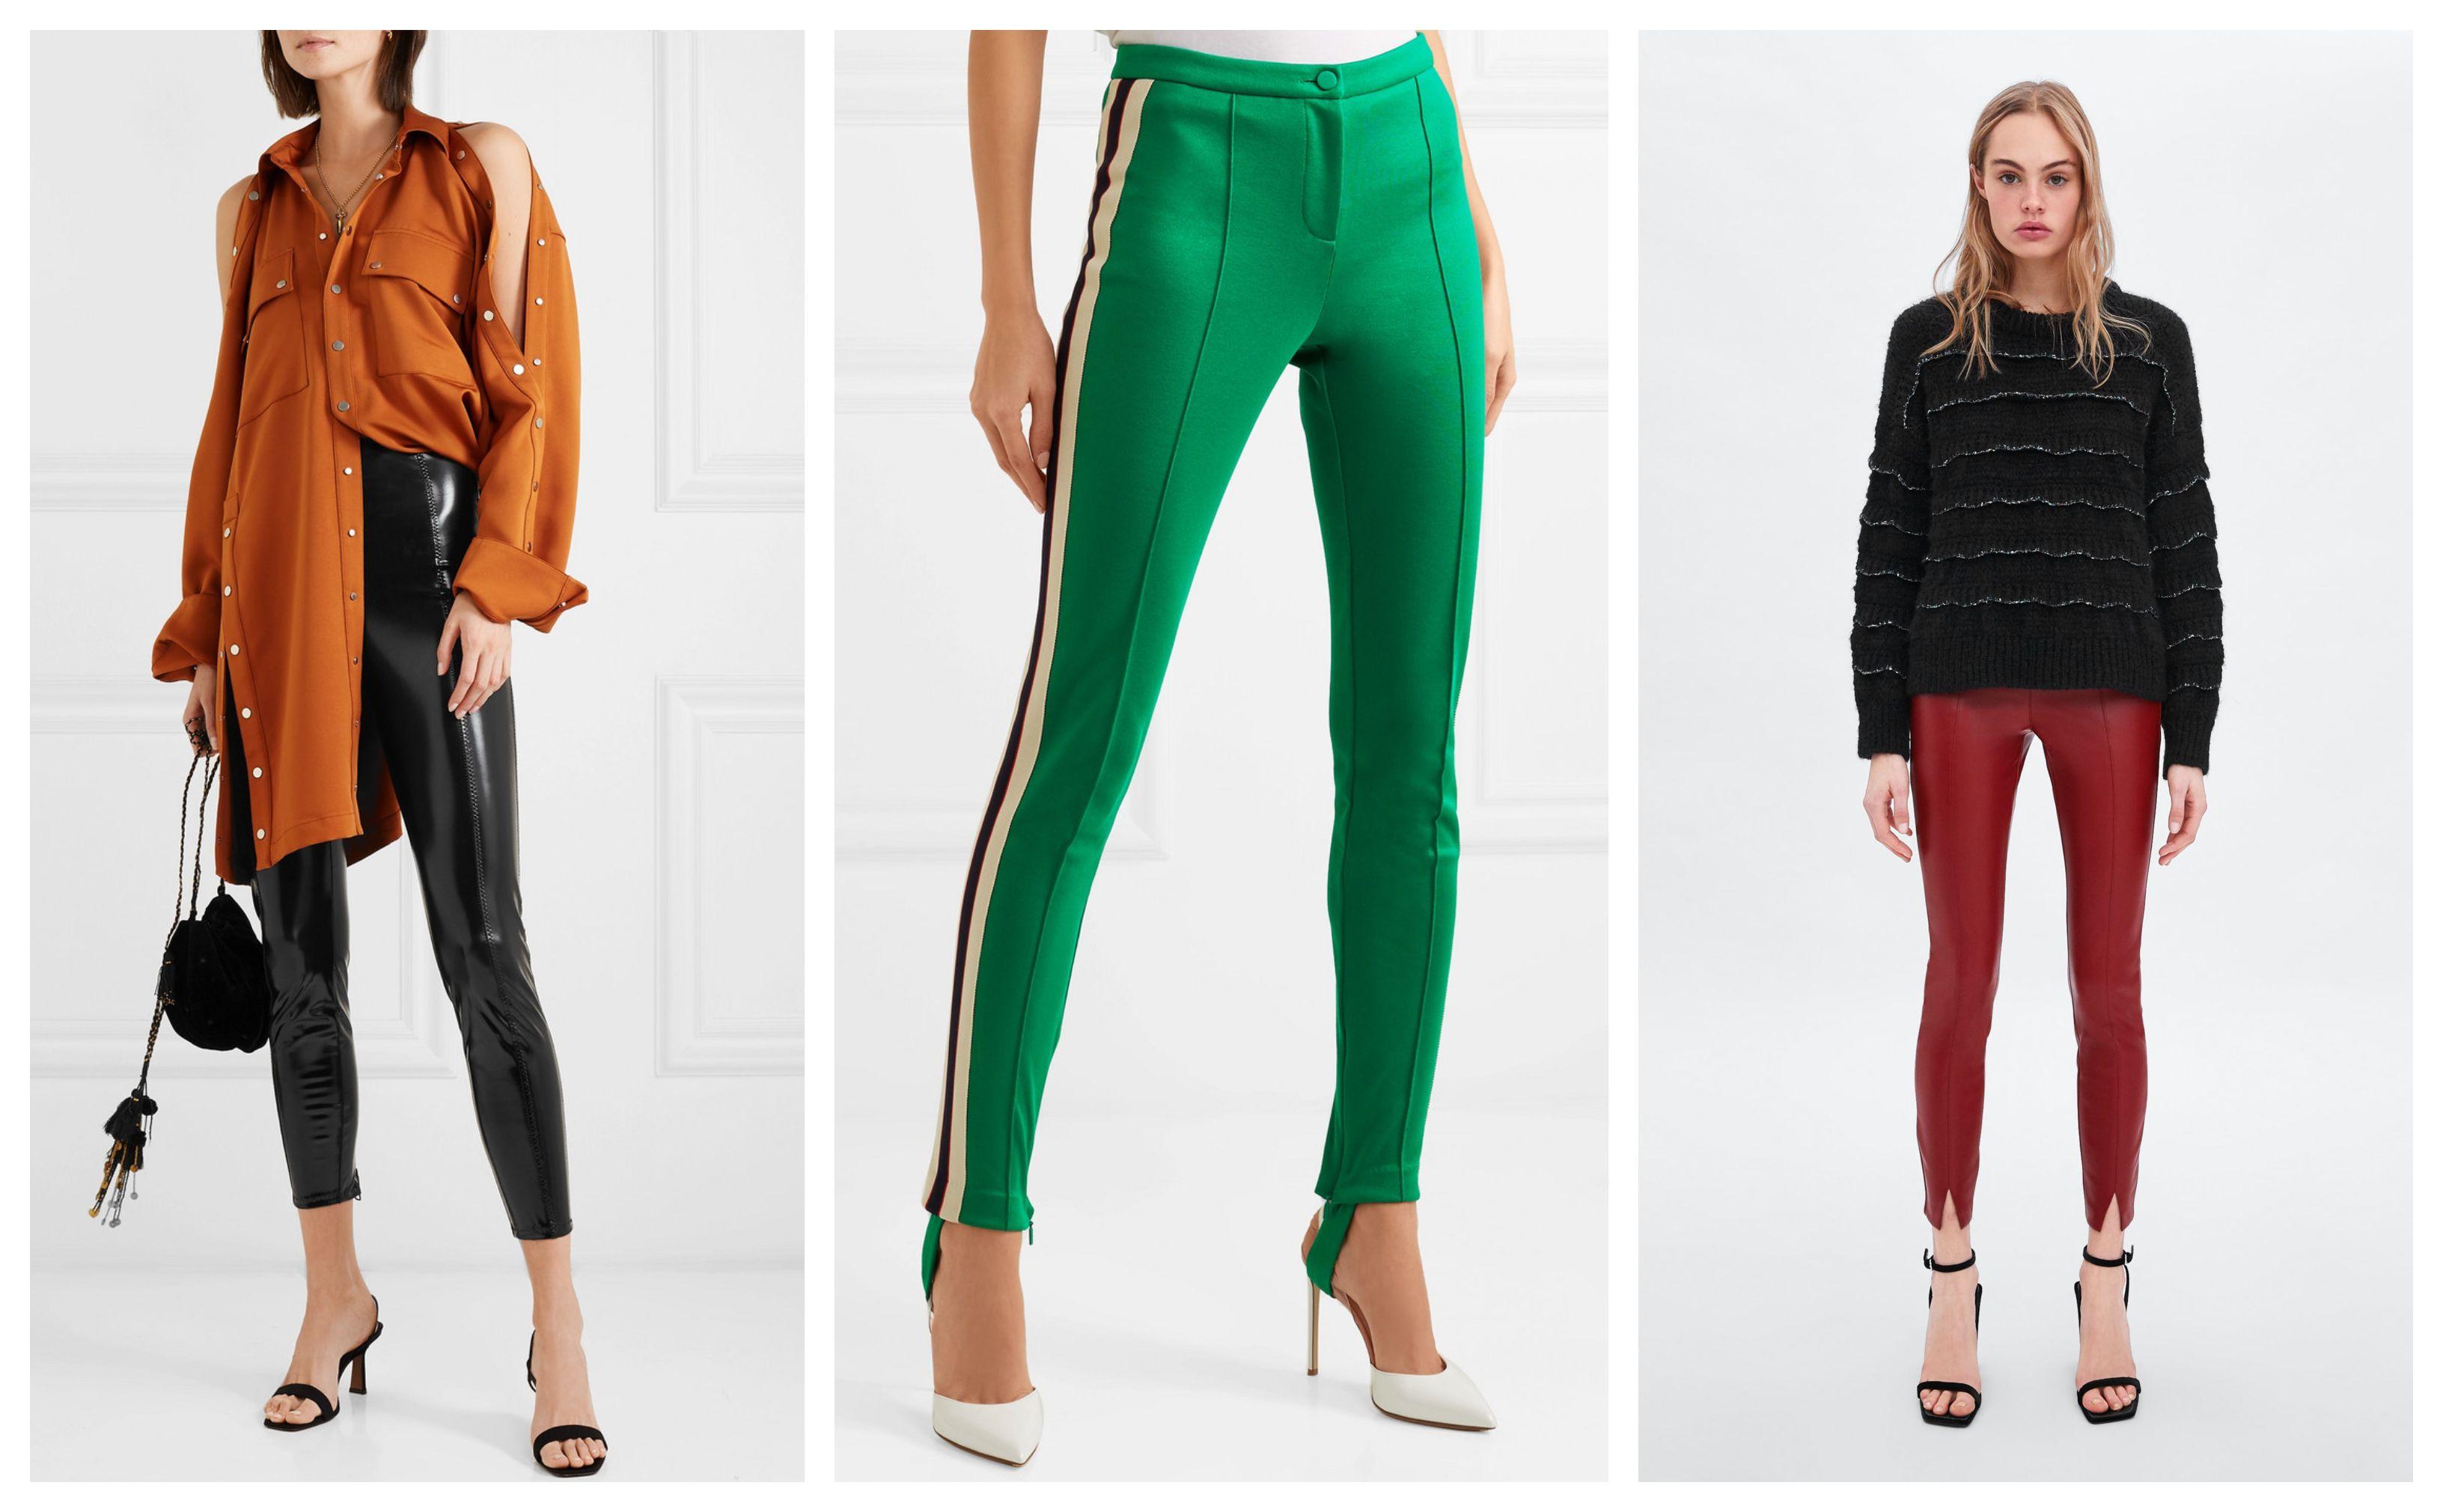 Vječna dilema: Nose li se tajice kao hlače? Ovi modeli apsolutno - da!